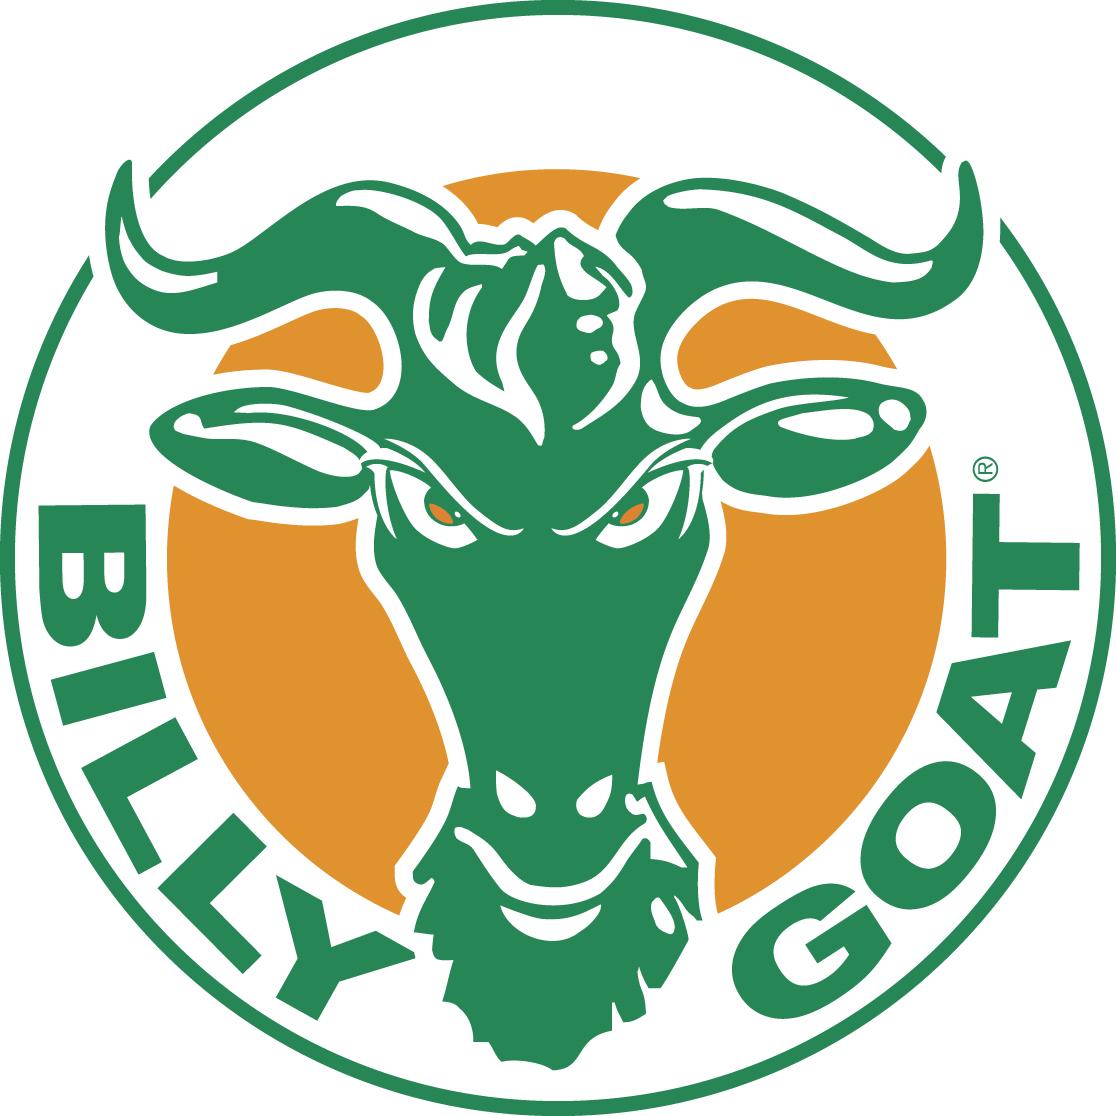 BG Clear logo